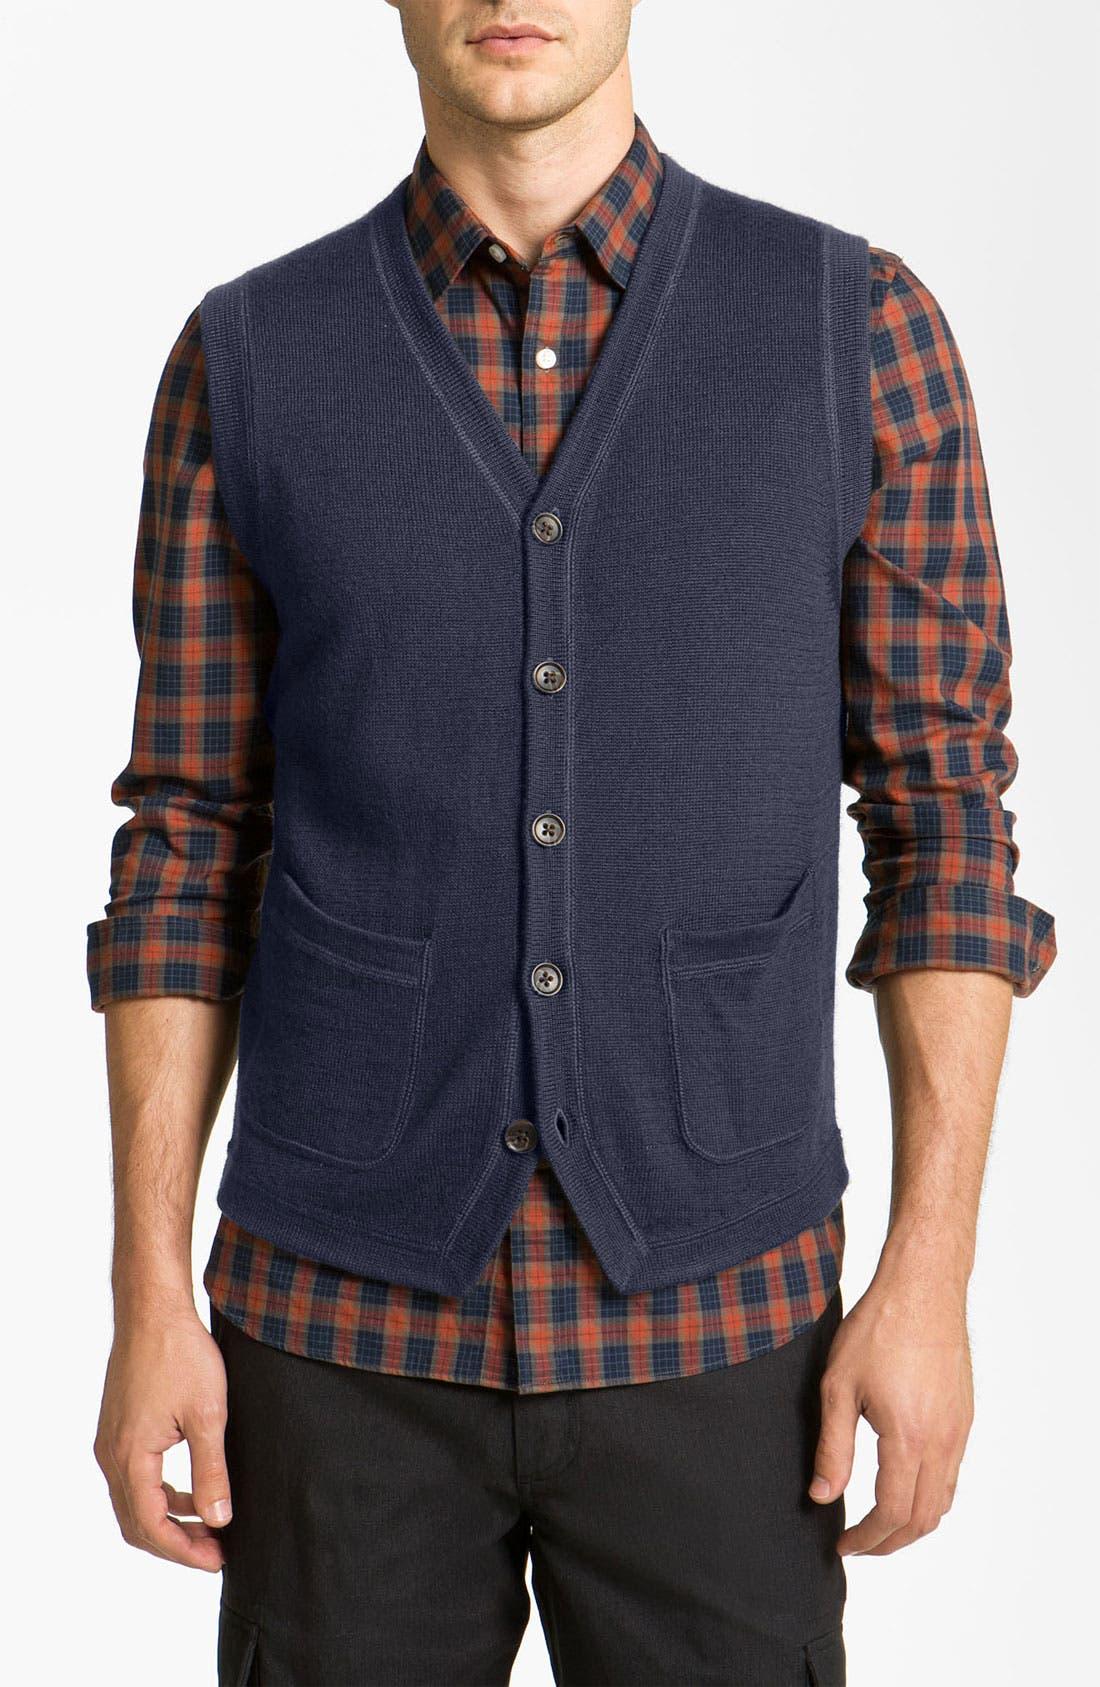 Main Image - Wallin & Bros. 'Milton' Trim Fit Vest